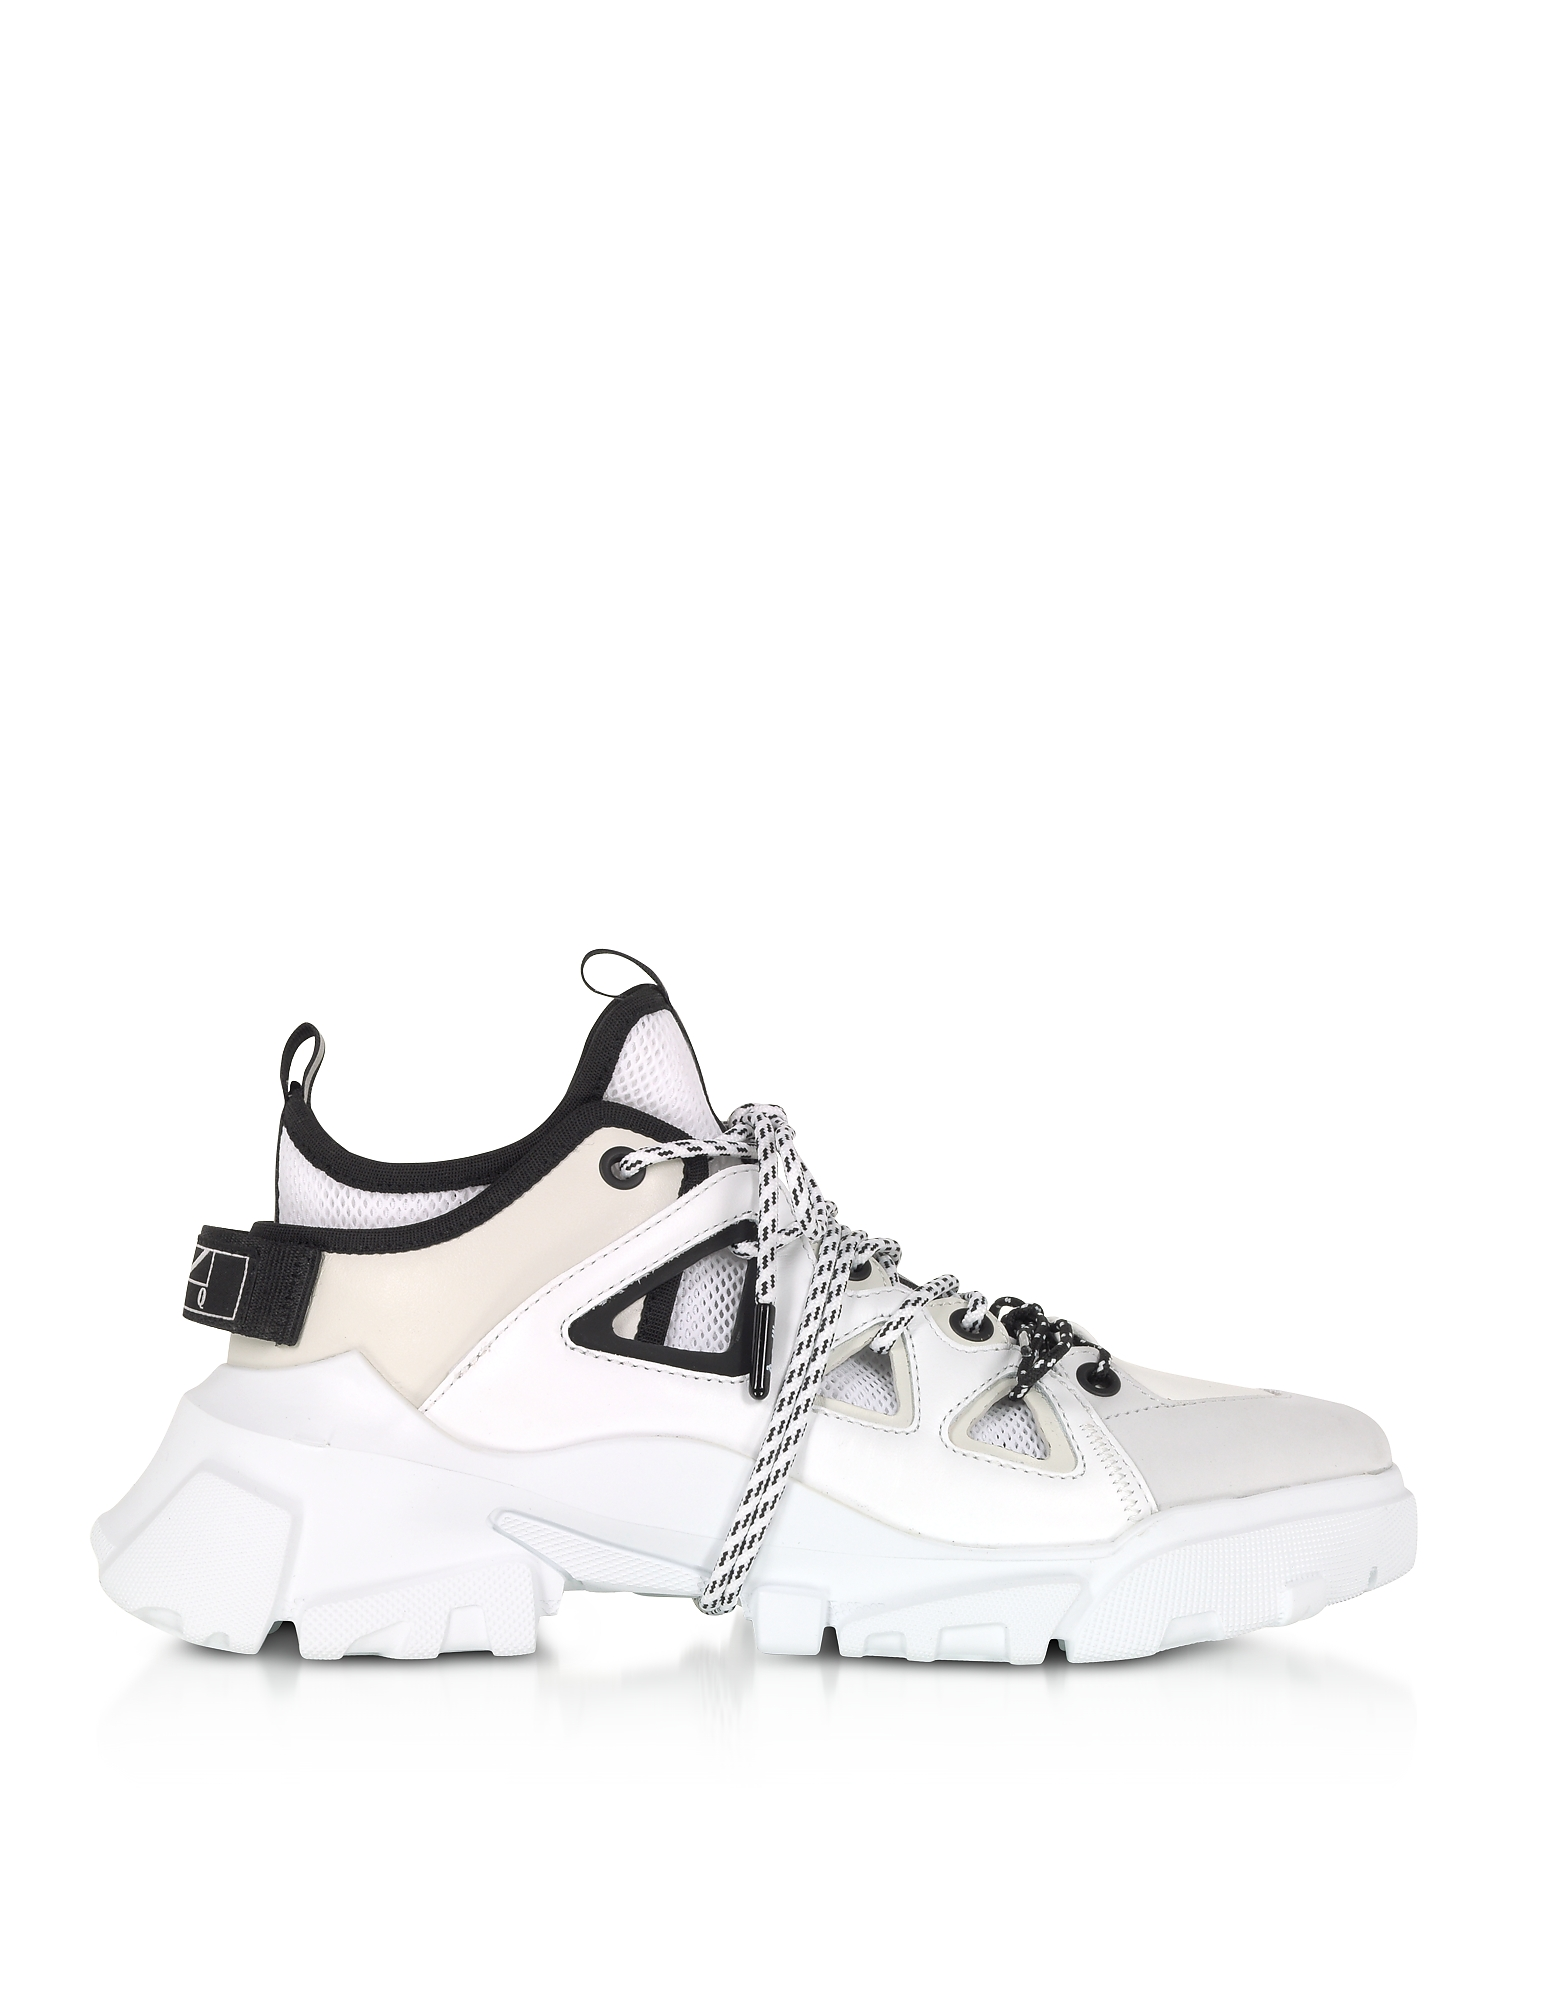 McQ Alexander McQueen Designer Shoes, Orbyt Mid Black, White & Off White Men's Sneakers